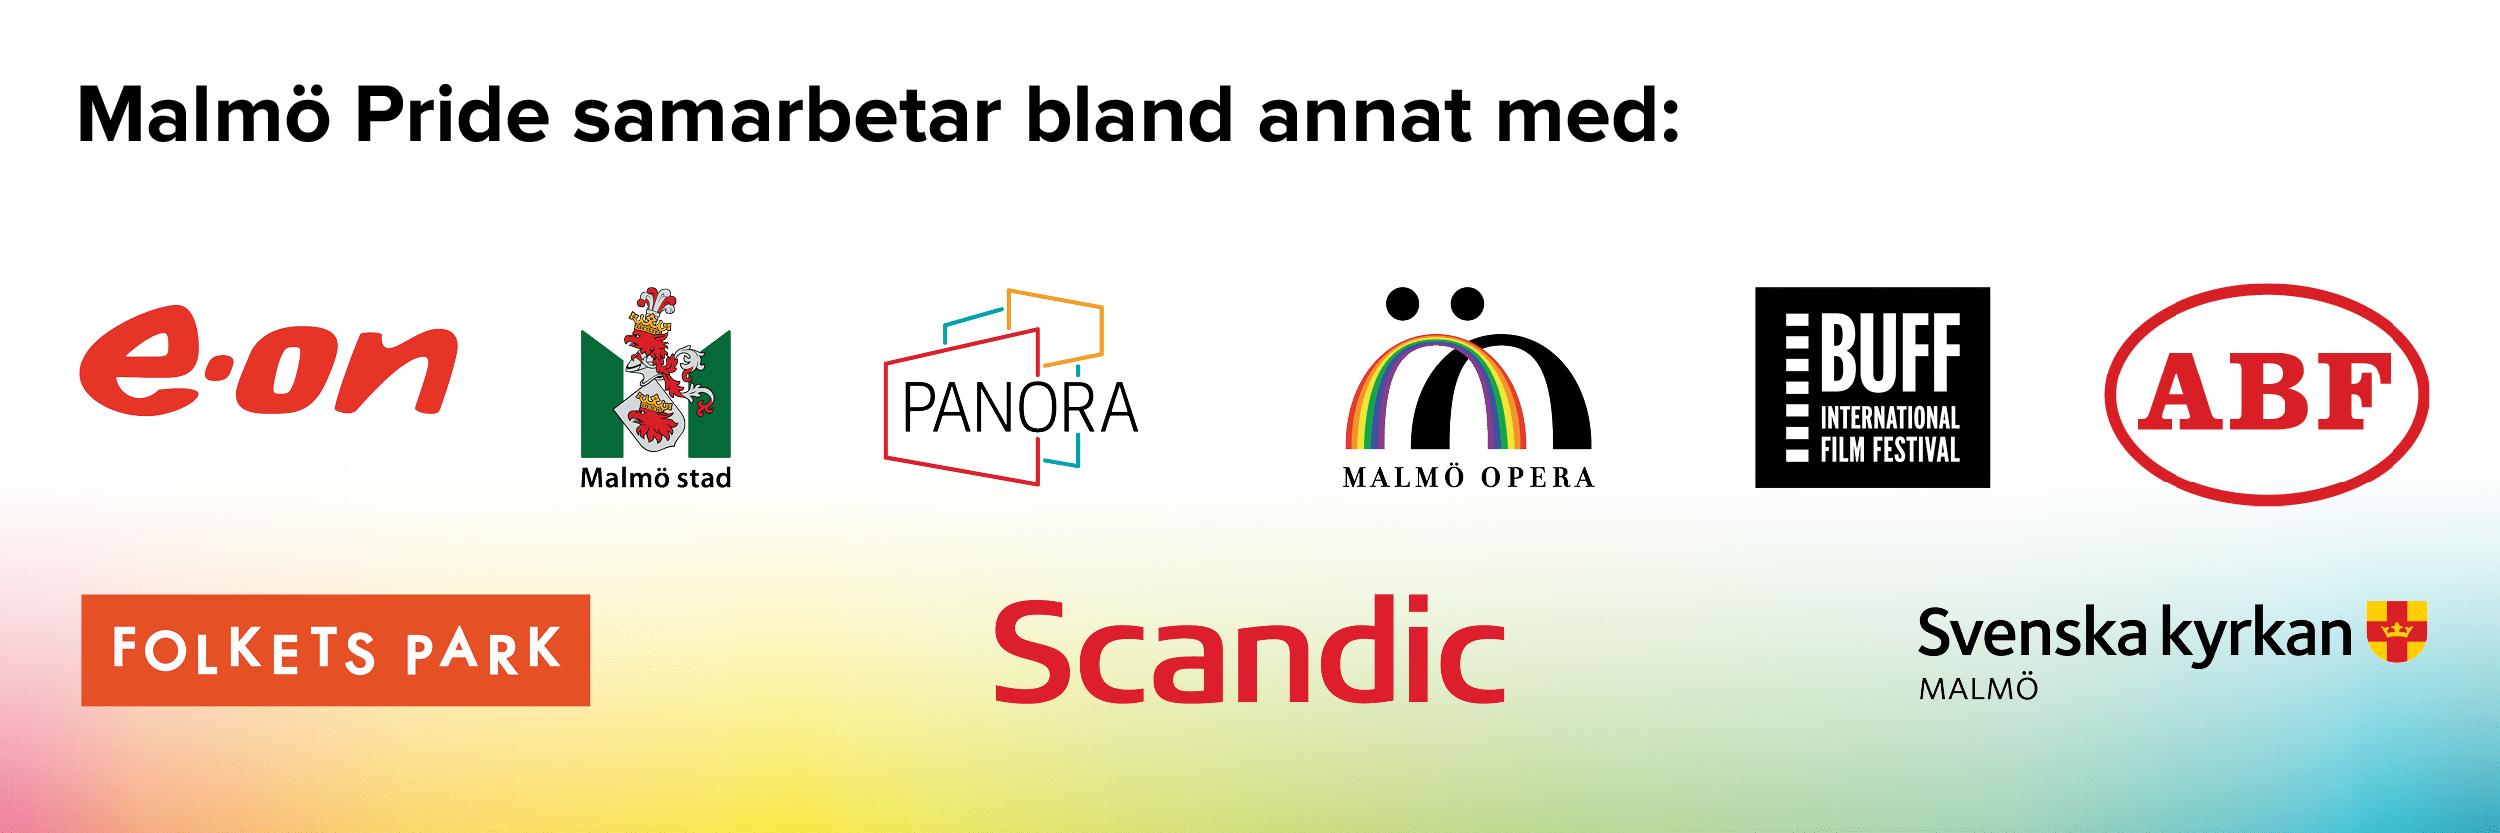 Malmö Pride samarbetar bland annat med E-on, Malmö Stad, Panora, Malmö Opera, Buff international filmfestival, ABF, Folkets Park, Scandic & Svenska Kyrkan Malmö